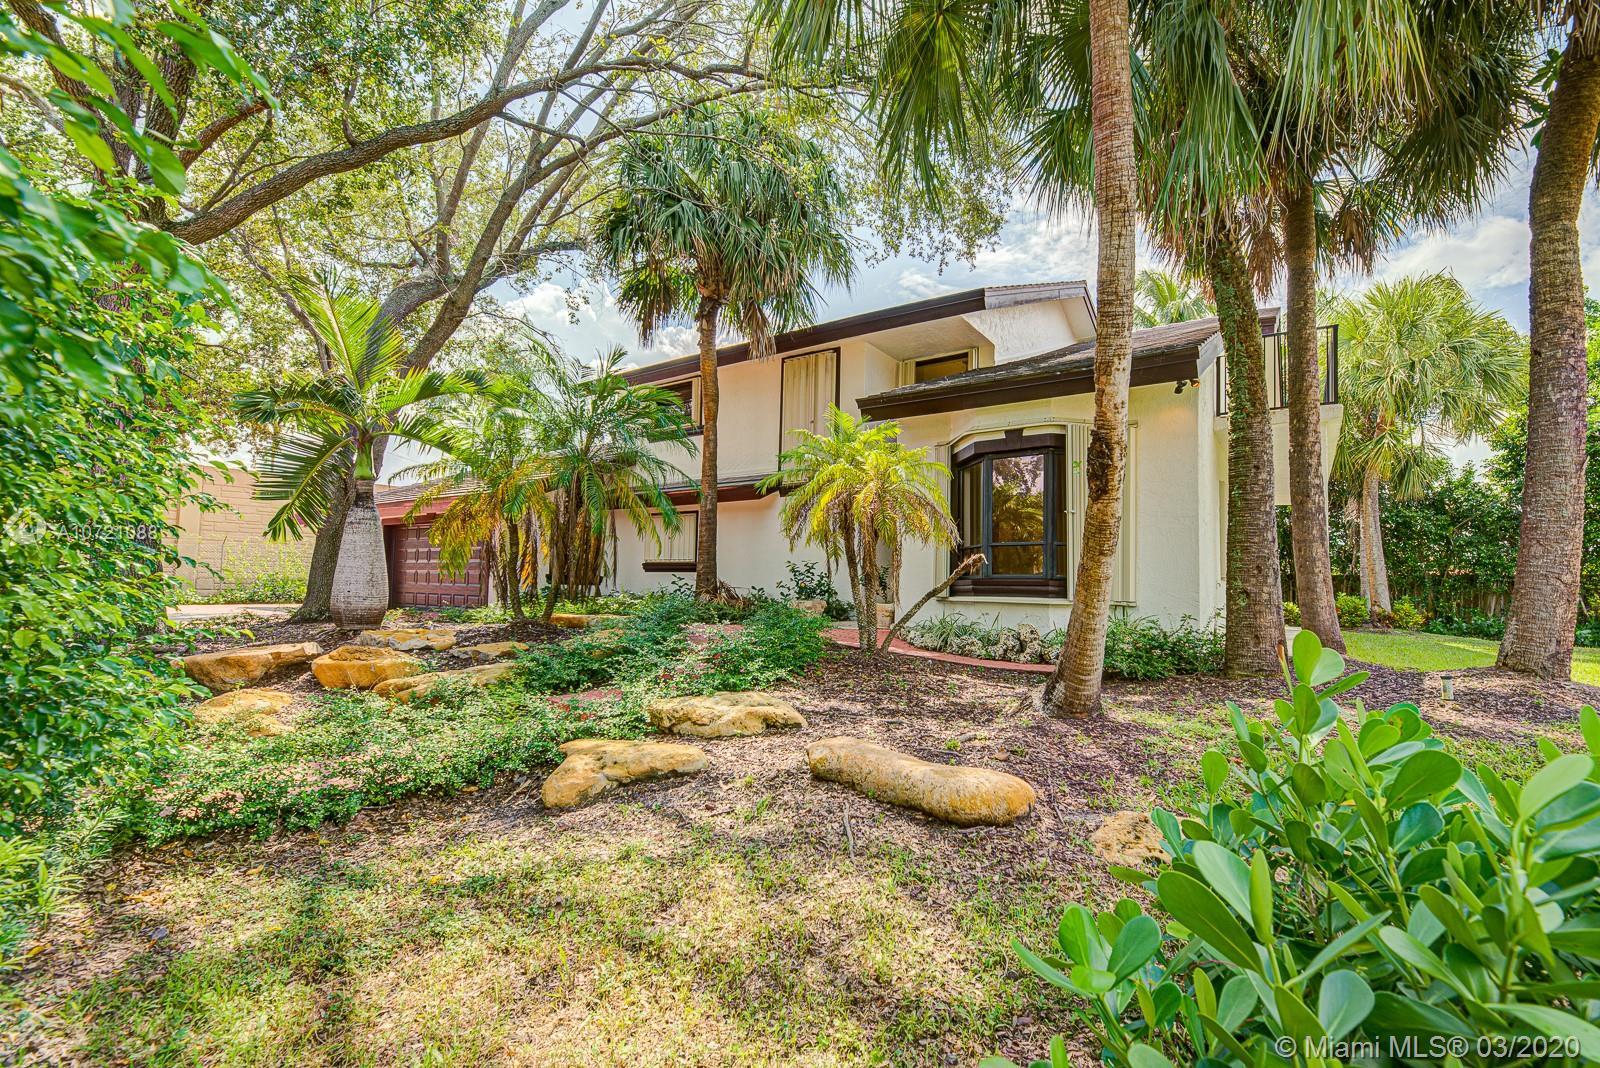 11966 SW 91st Ter, Miami, FL 33186 - Miami, FL real estate listing